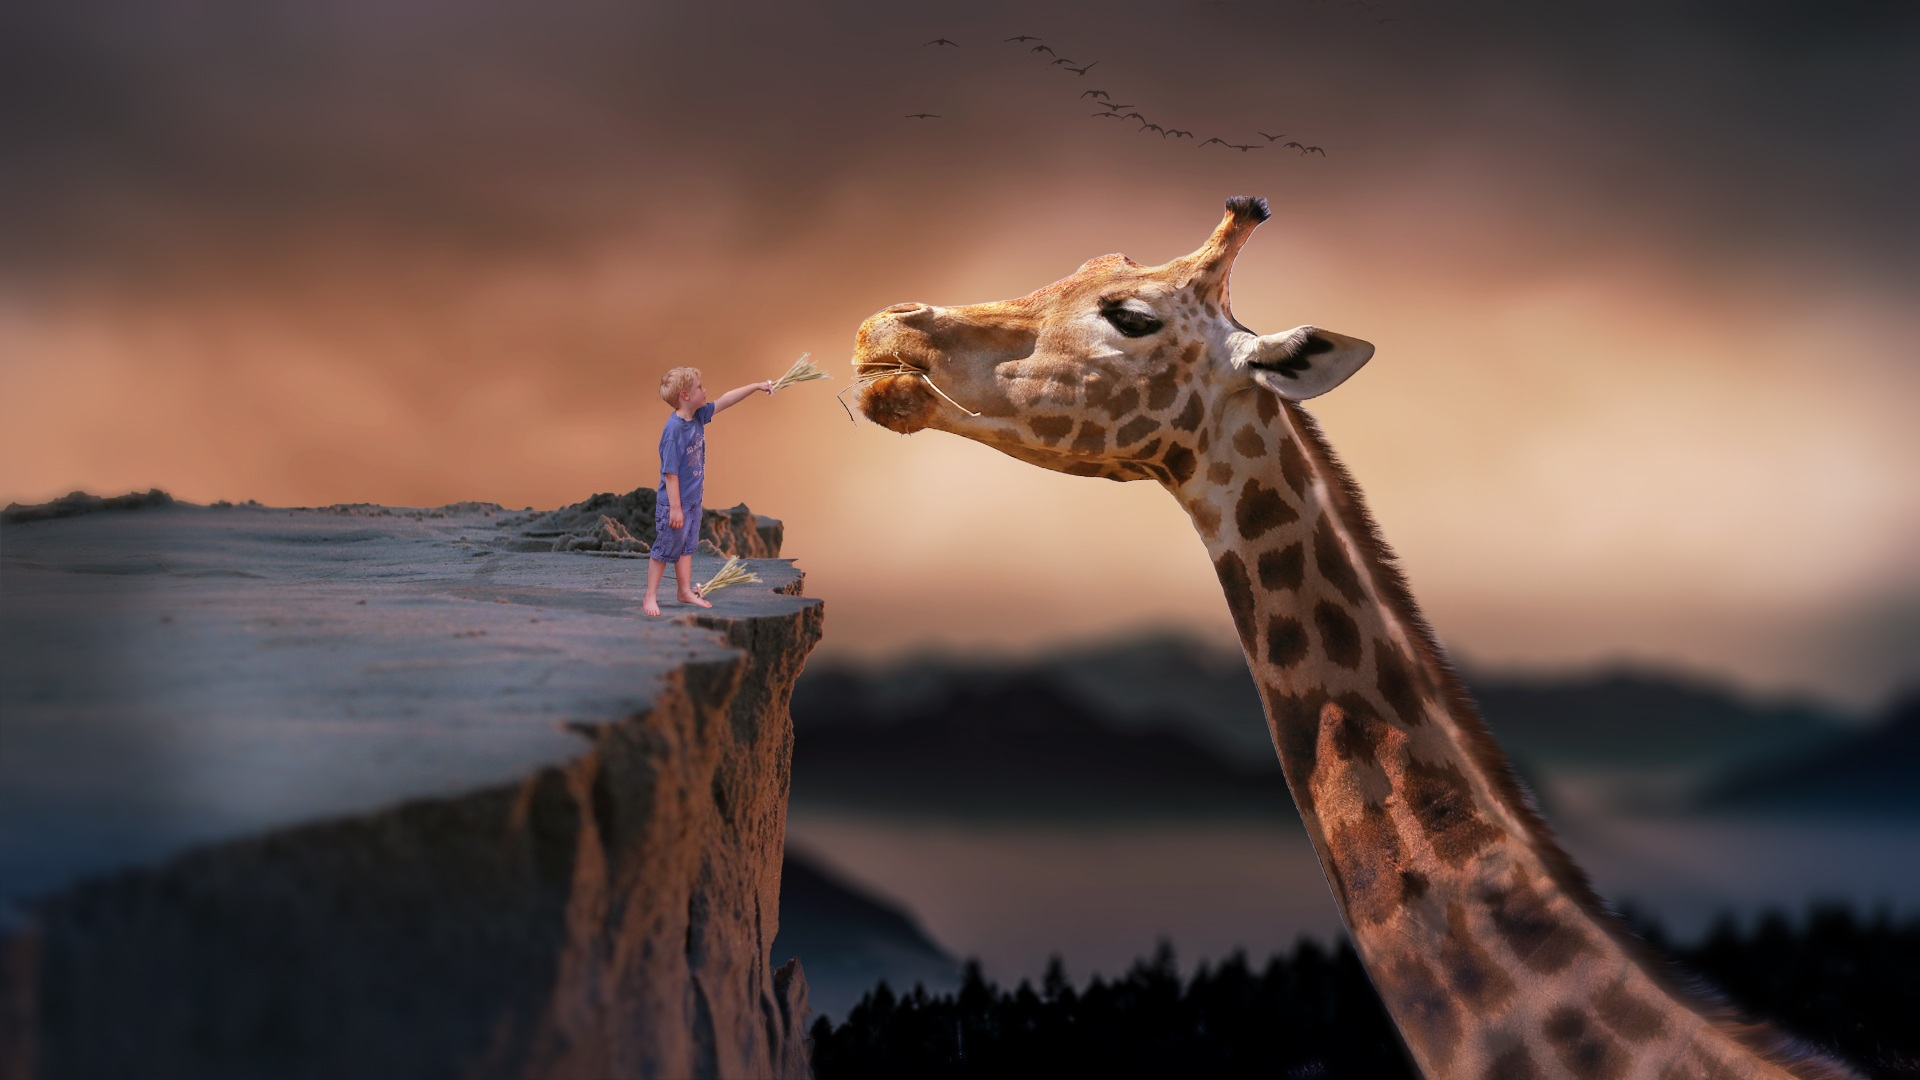 jirafa-nino-sueno-emprende